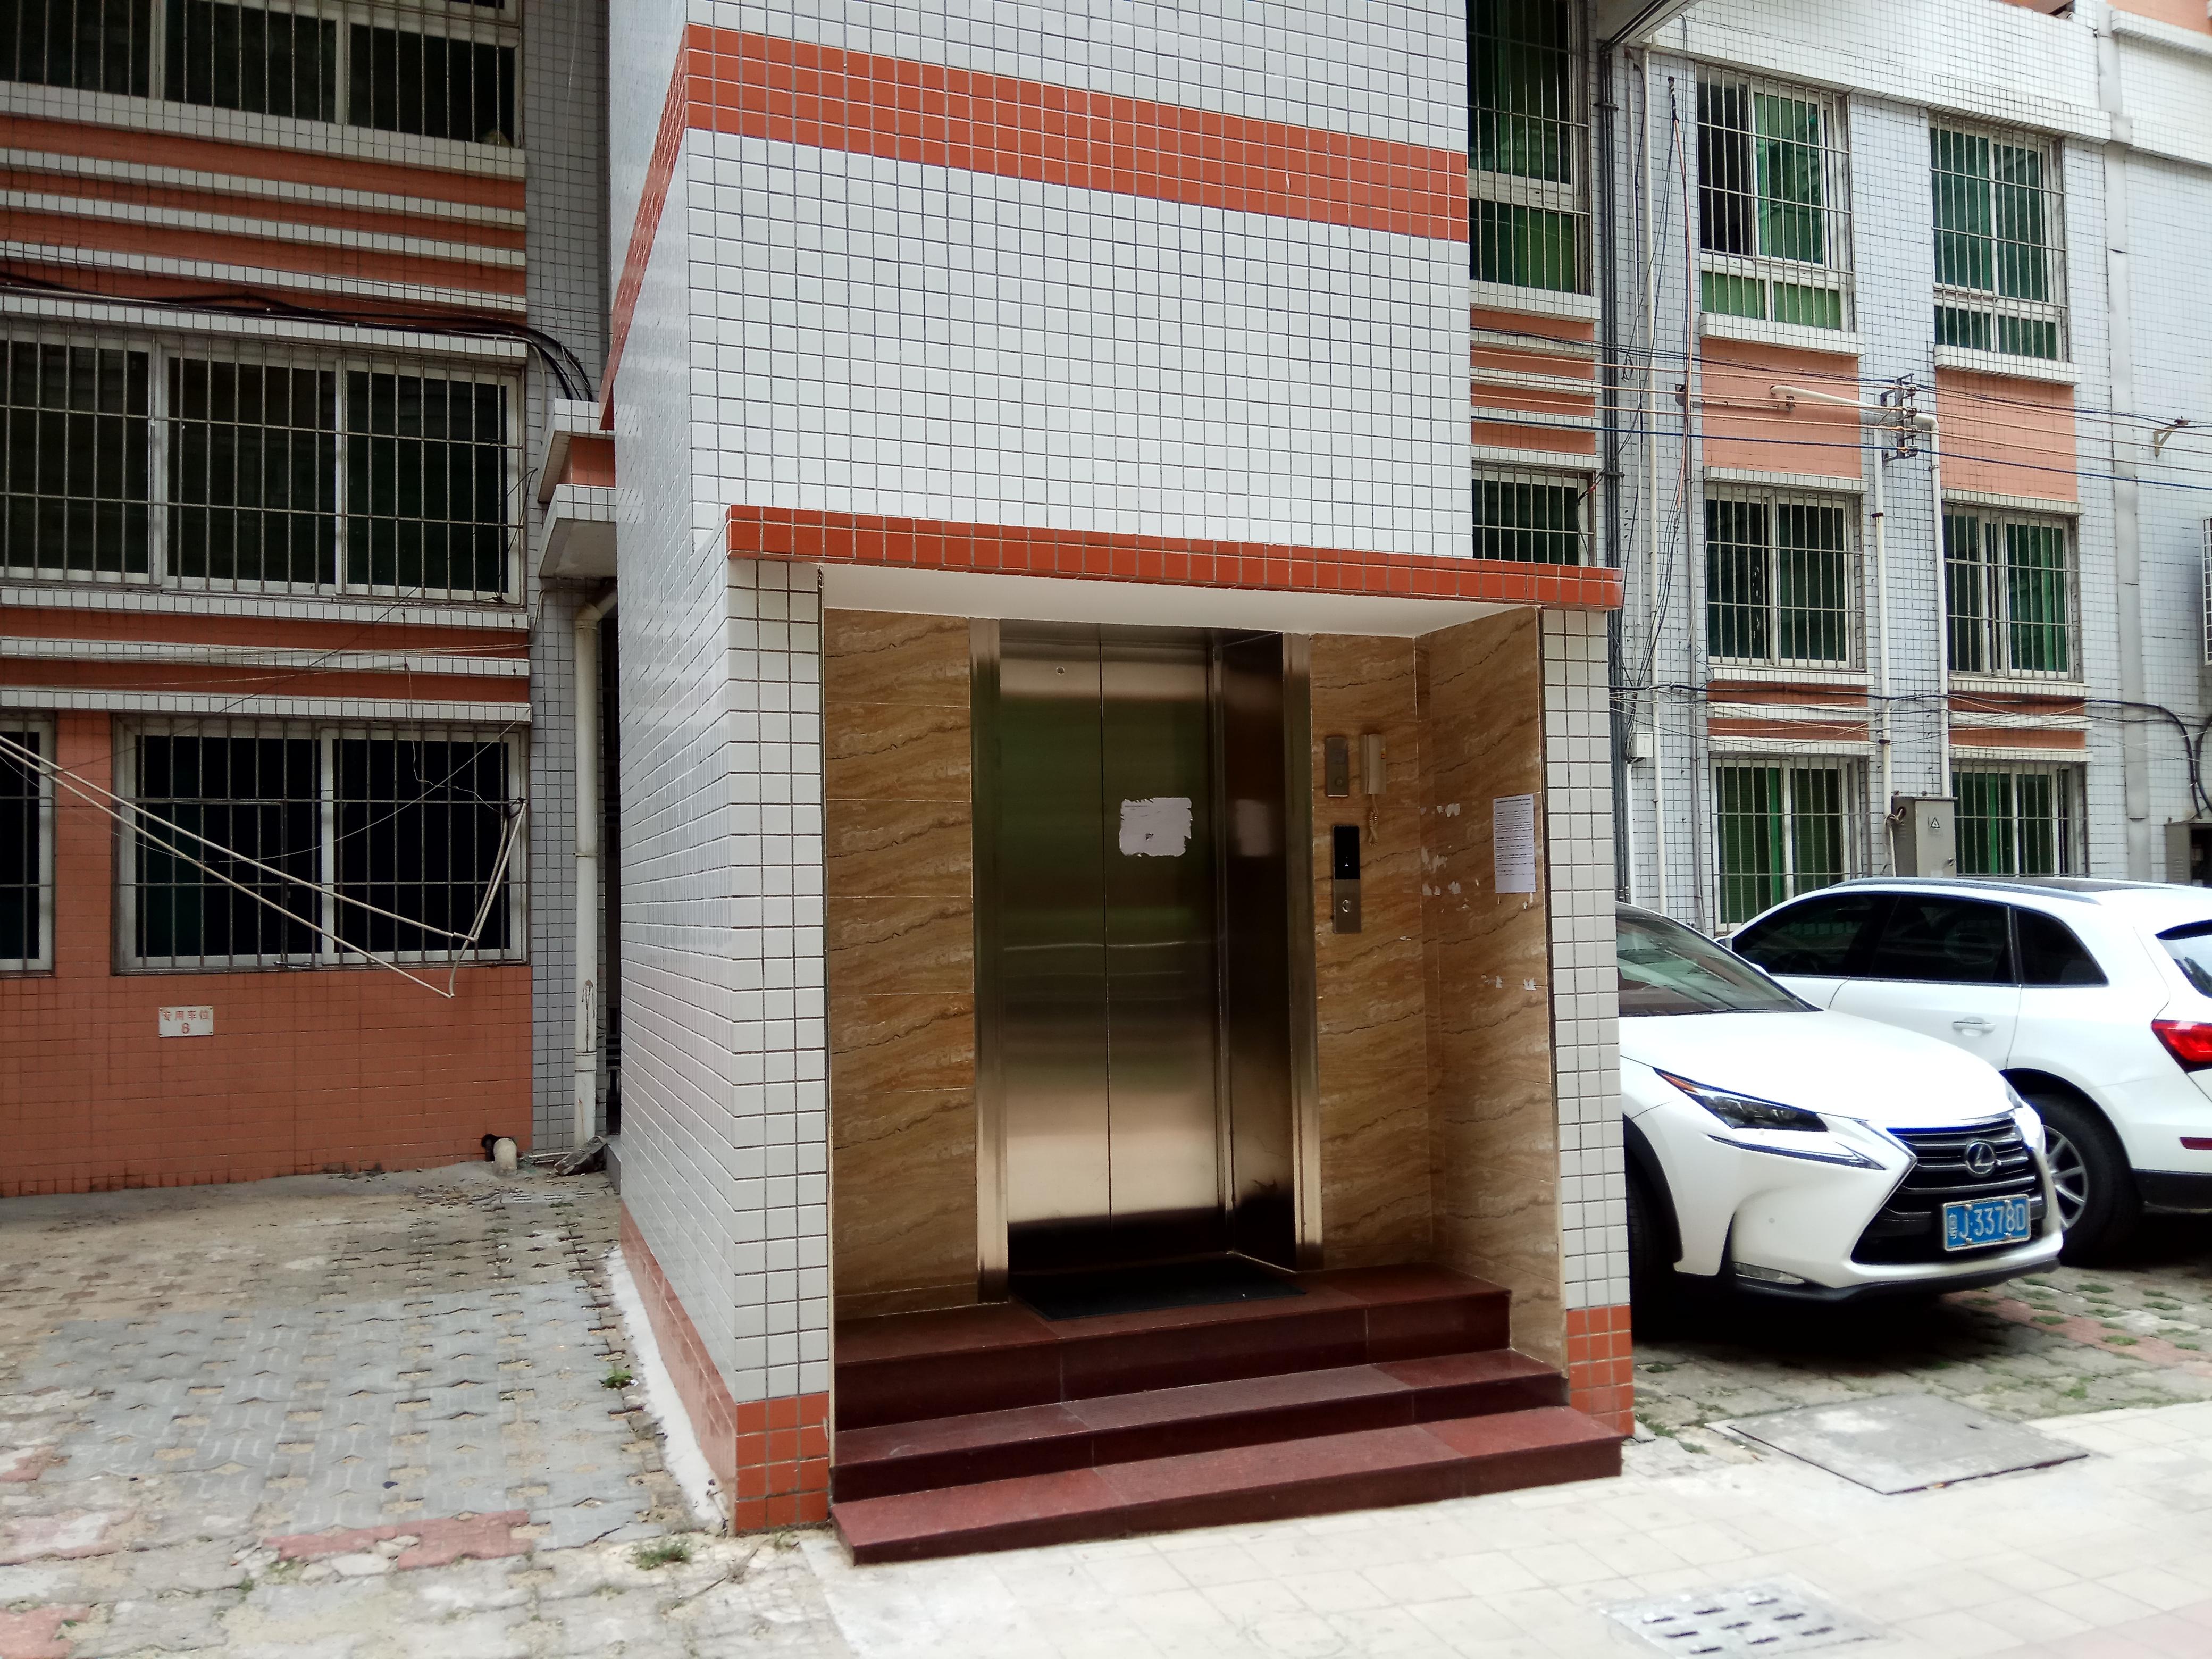 江门市区旧楼加装电梯申请已达19宗 市民盼简化报装程序